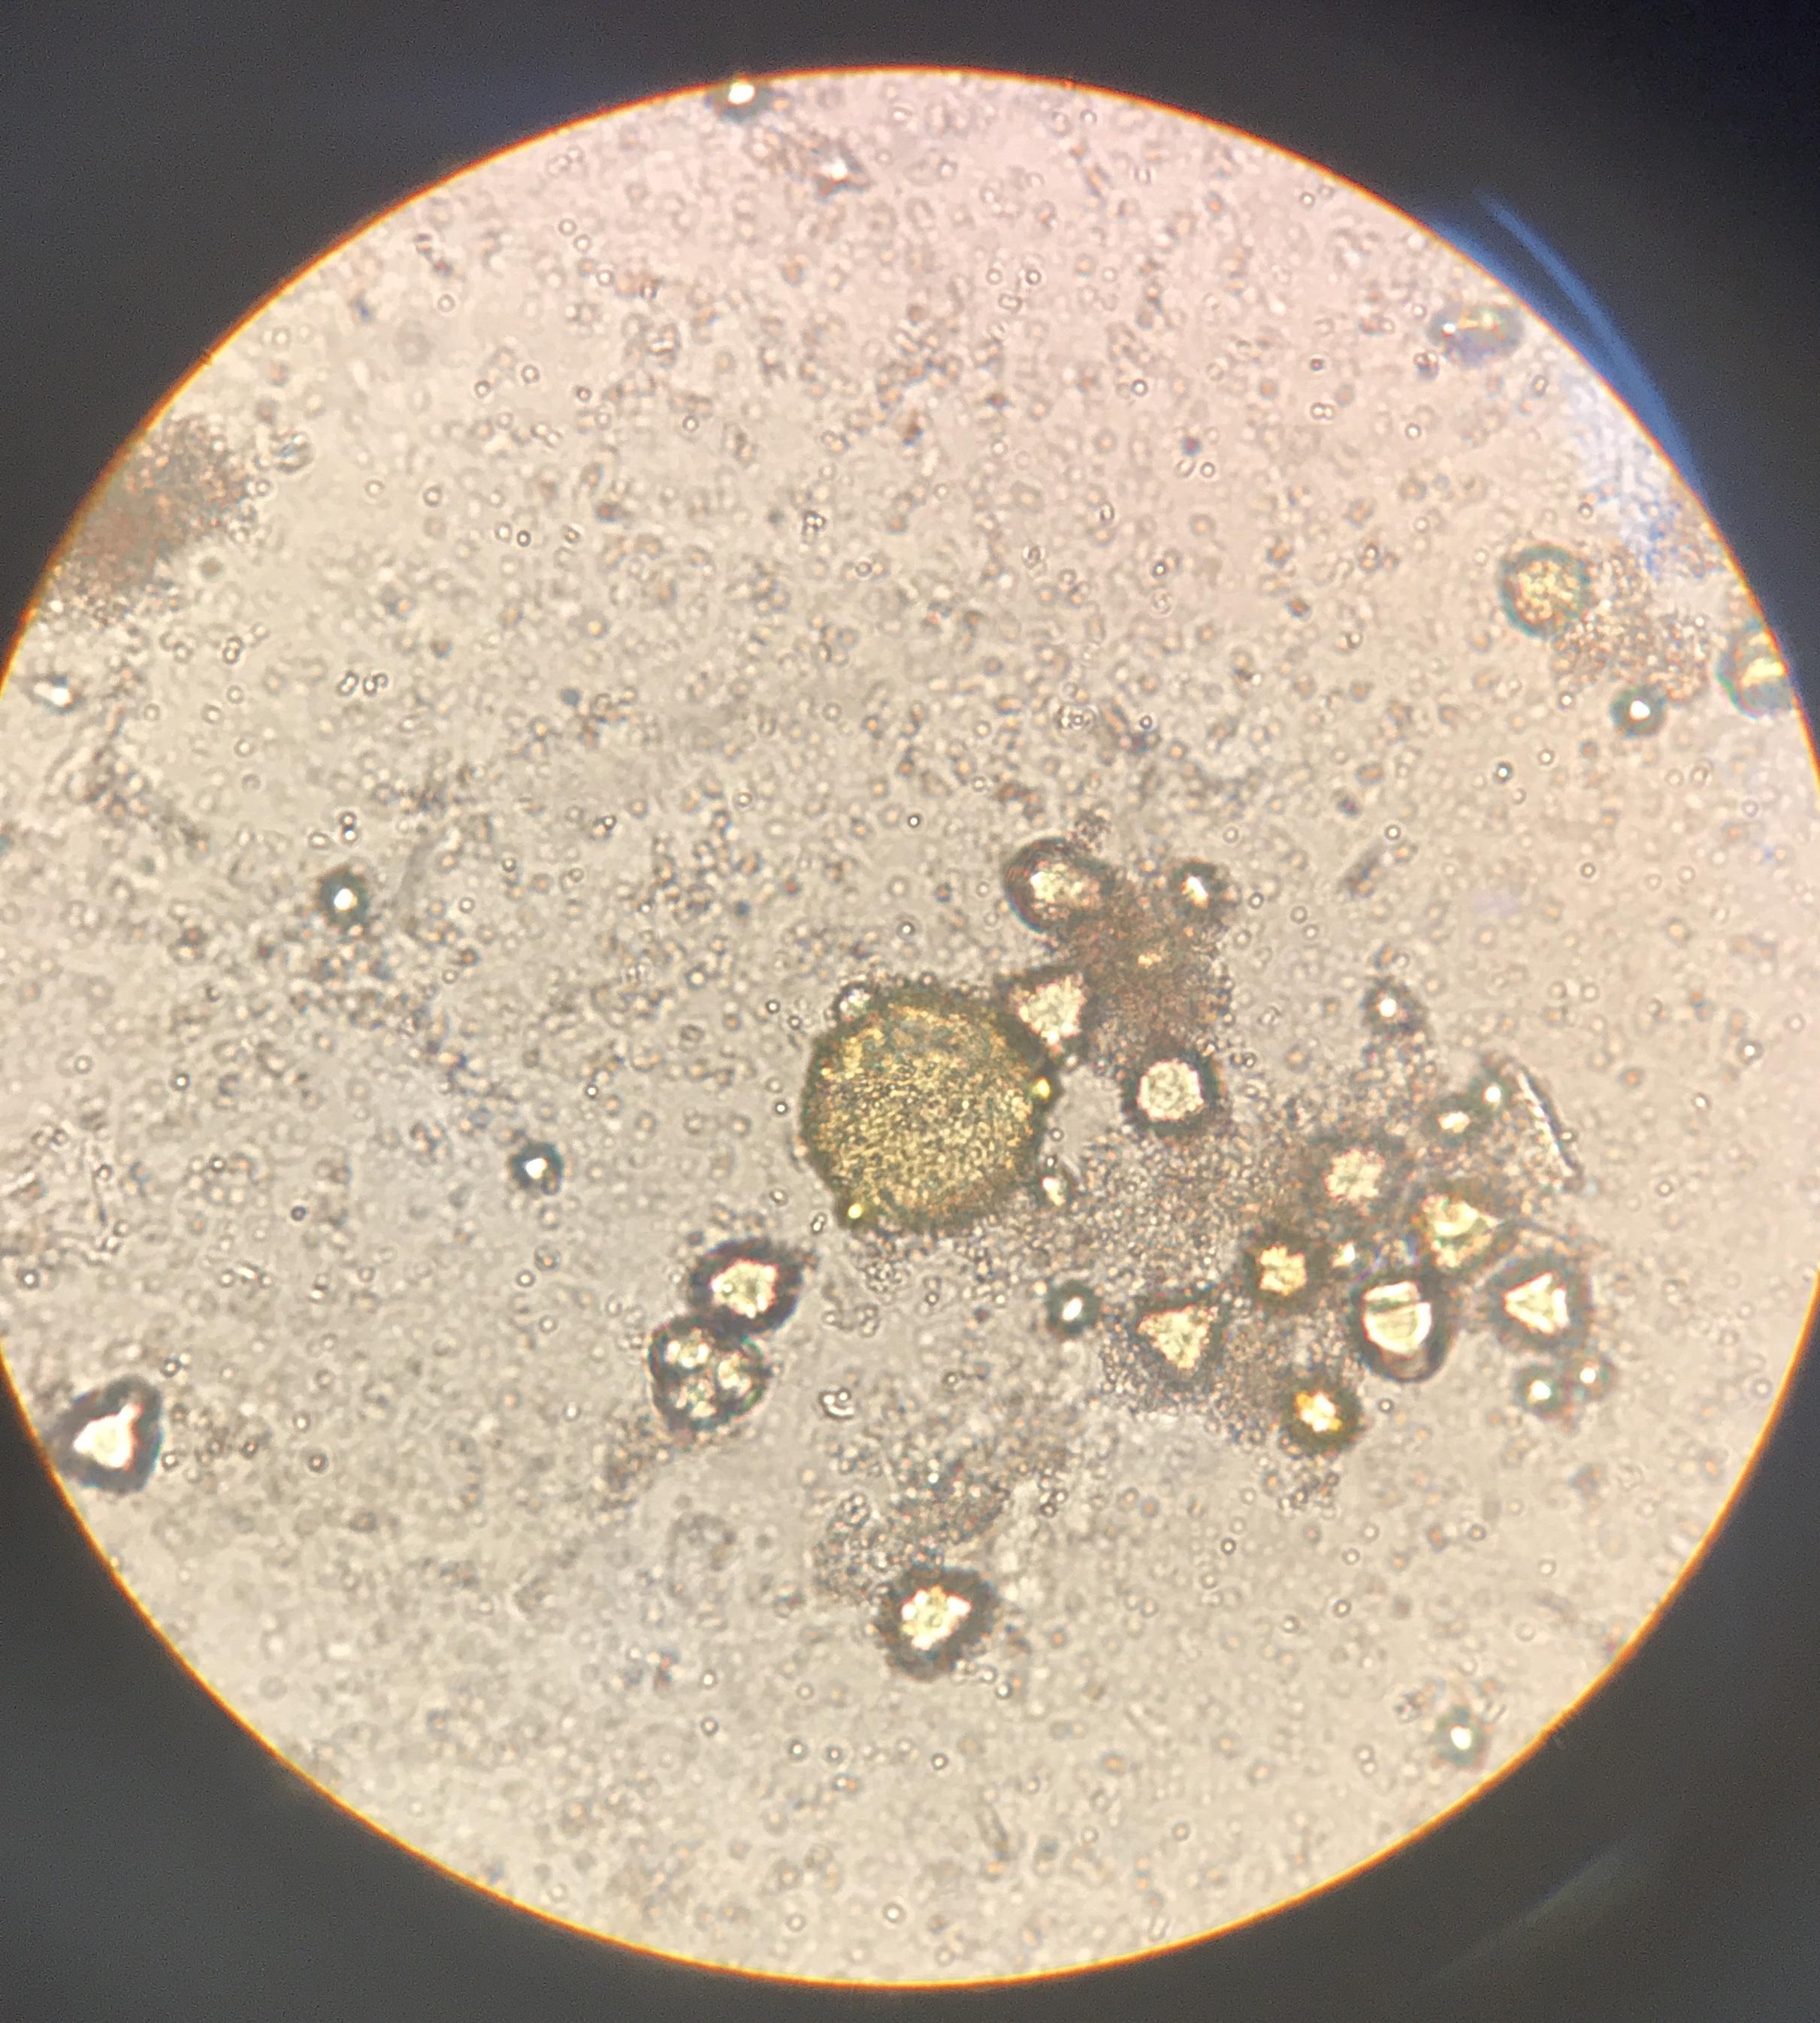 polen Microscopio optico sedimento polínico Las Obreras de Aliste Artesanos de la Miel